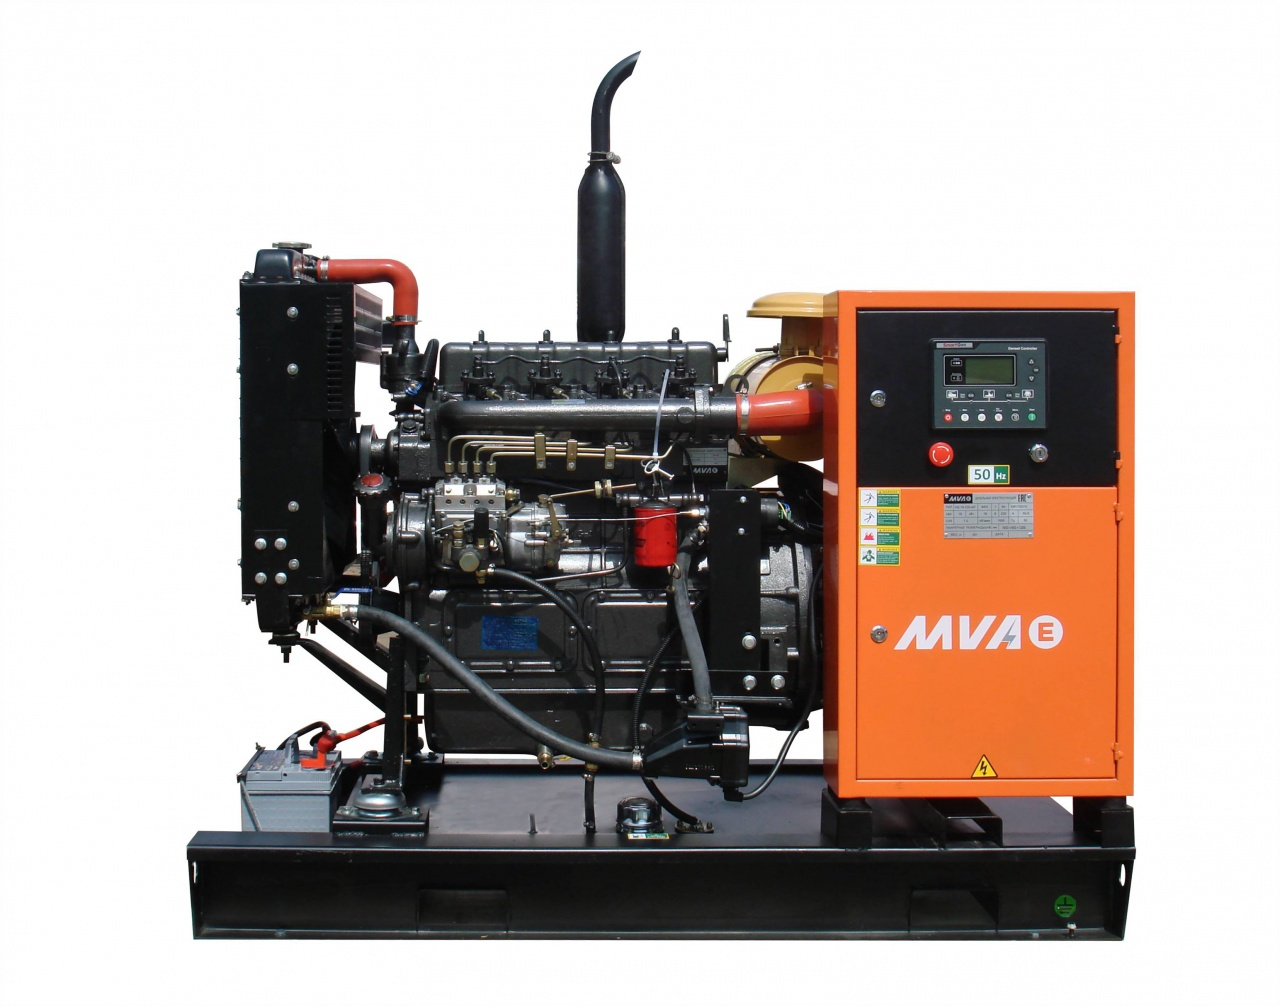 дизельная электростанция mvae ад-16-400-ар